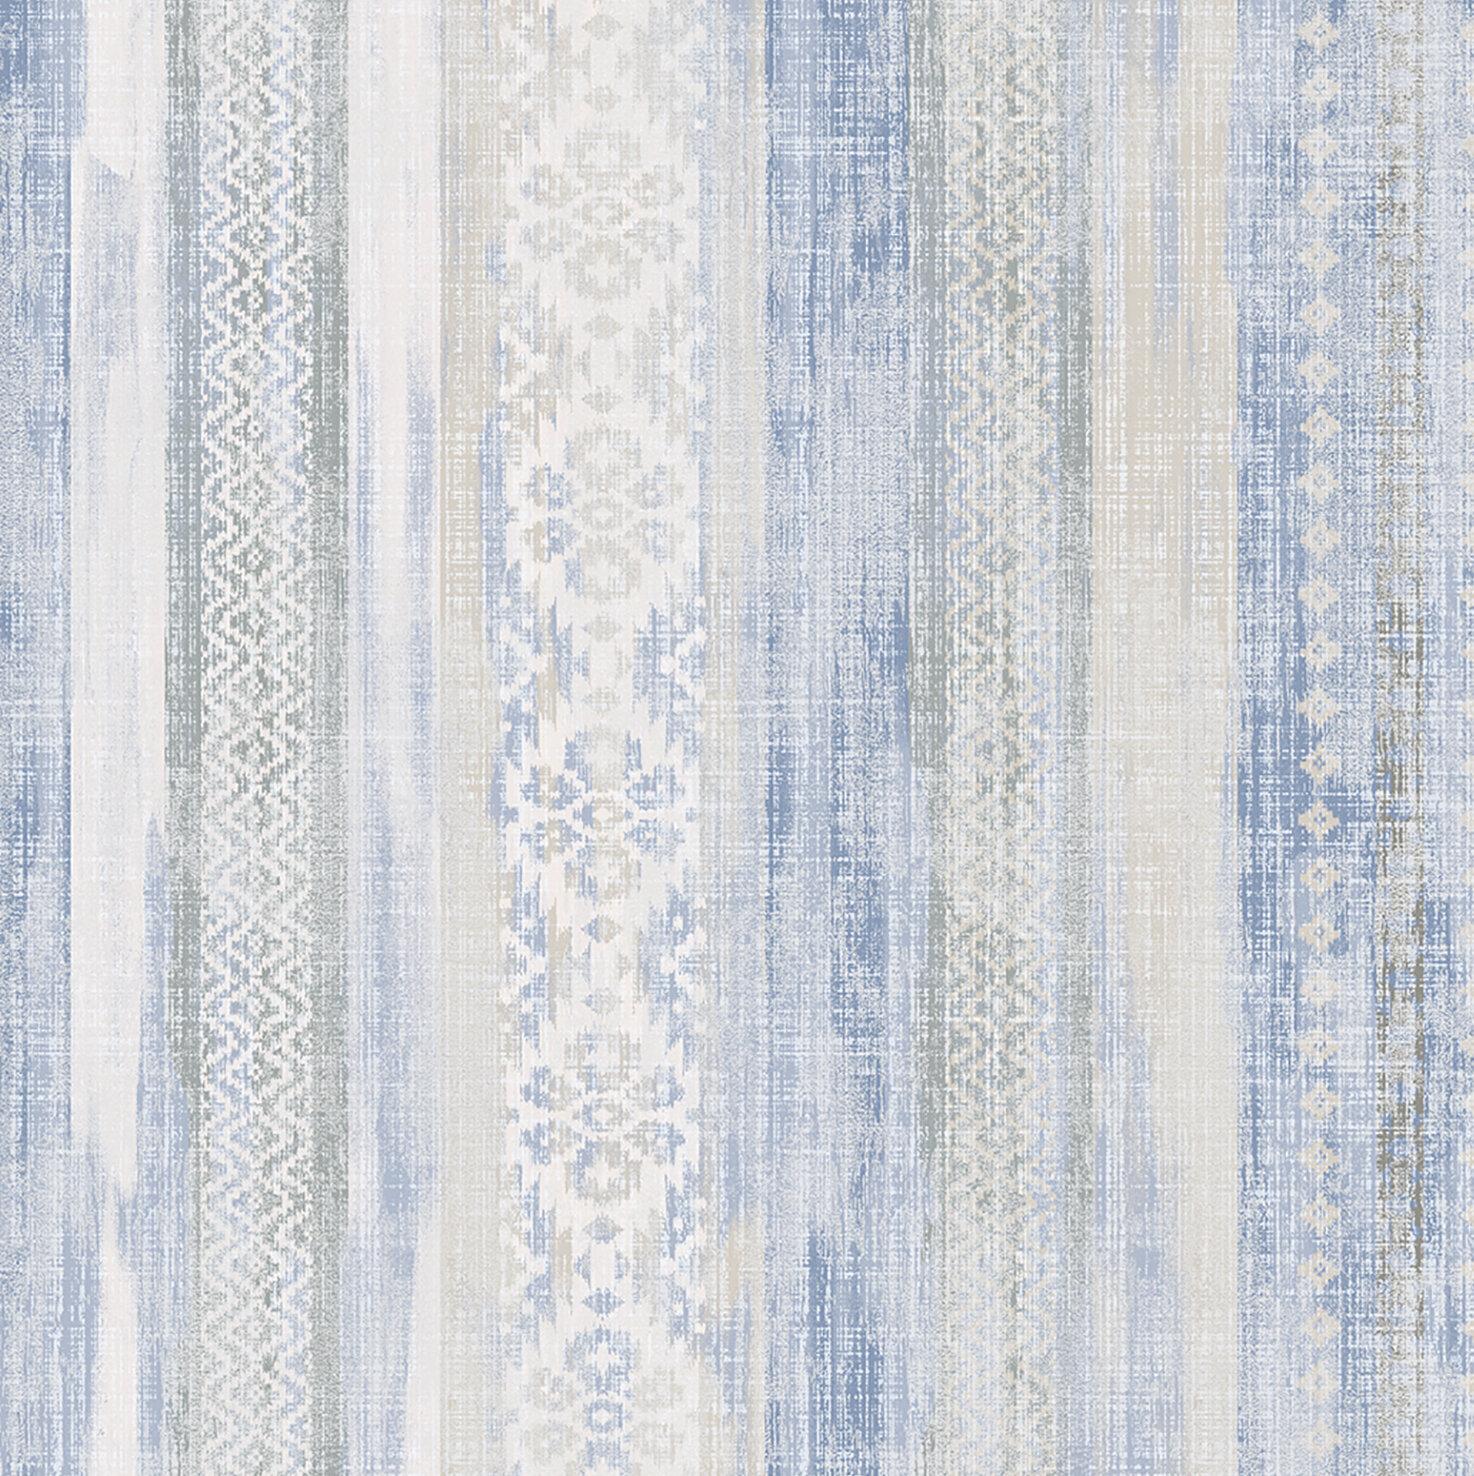 Wanita 33 Daftar Harga Terbaru Dan Terlengkap Indonesia Jam Tangan Giordano 2700 House Of Hampton Ikat Stripe L X 21 W Wallpaper Roll